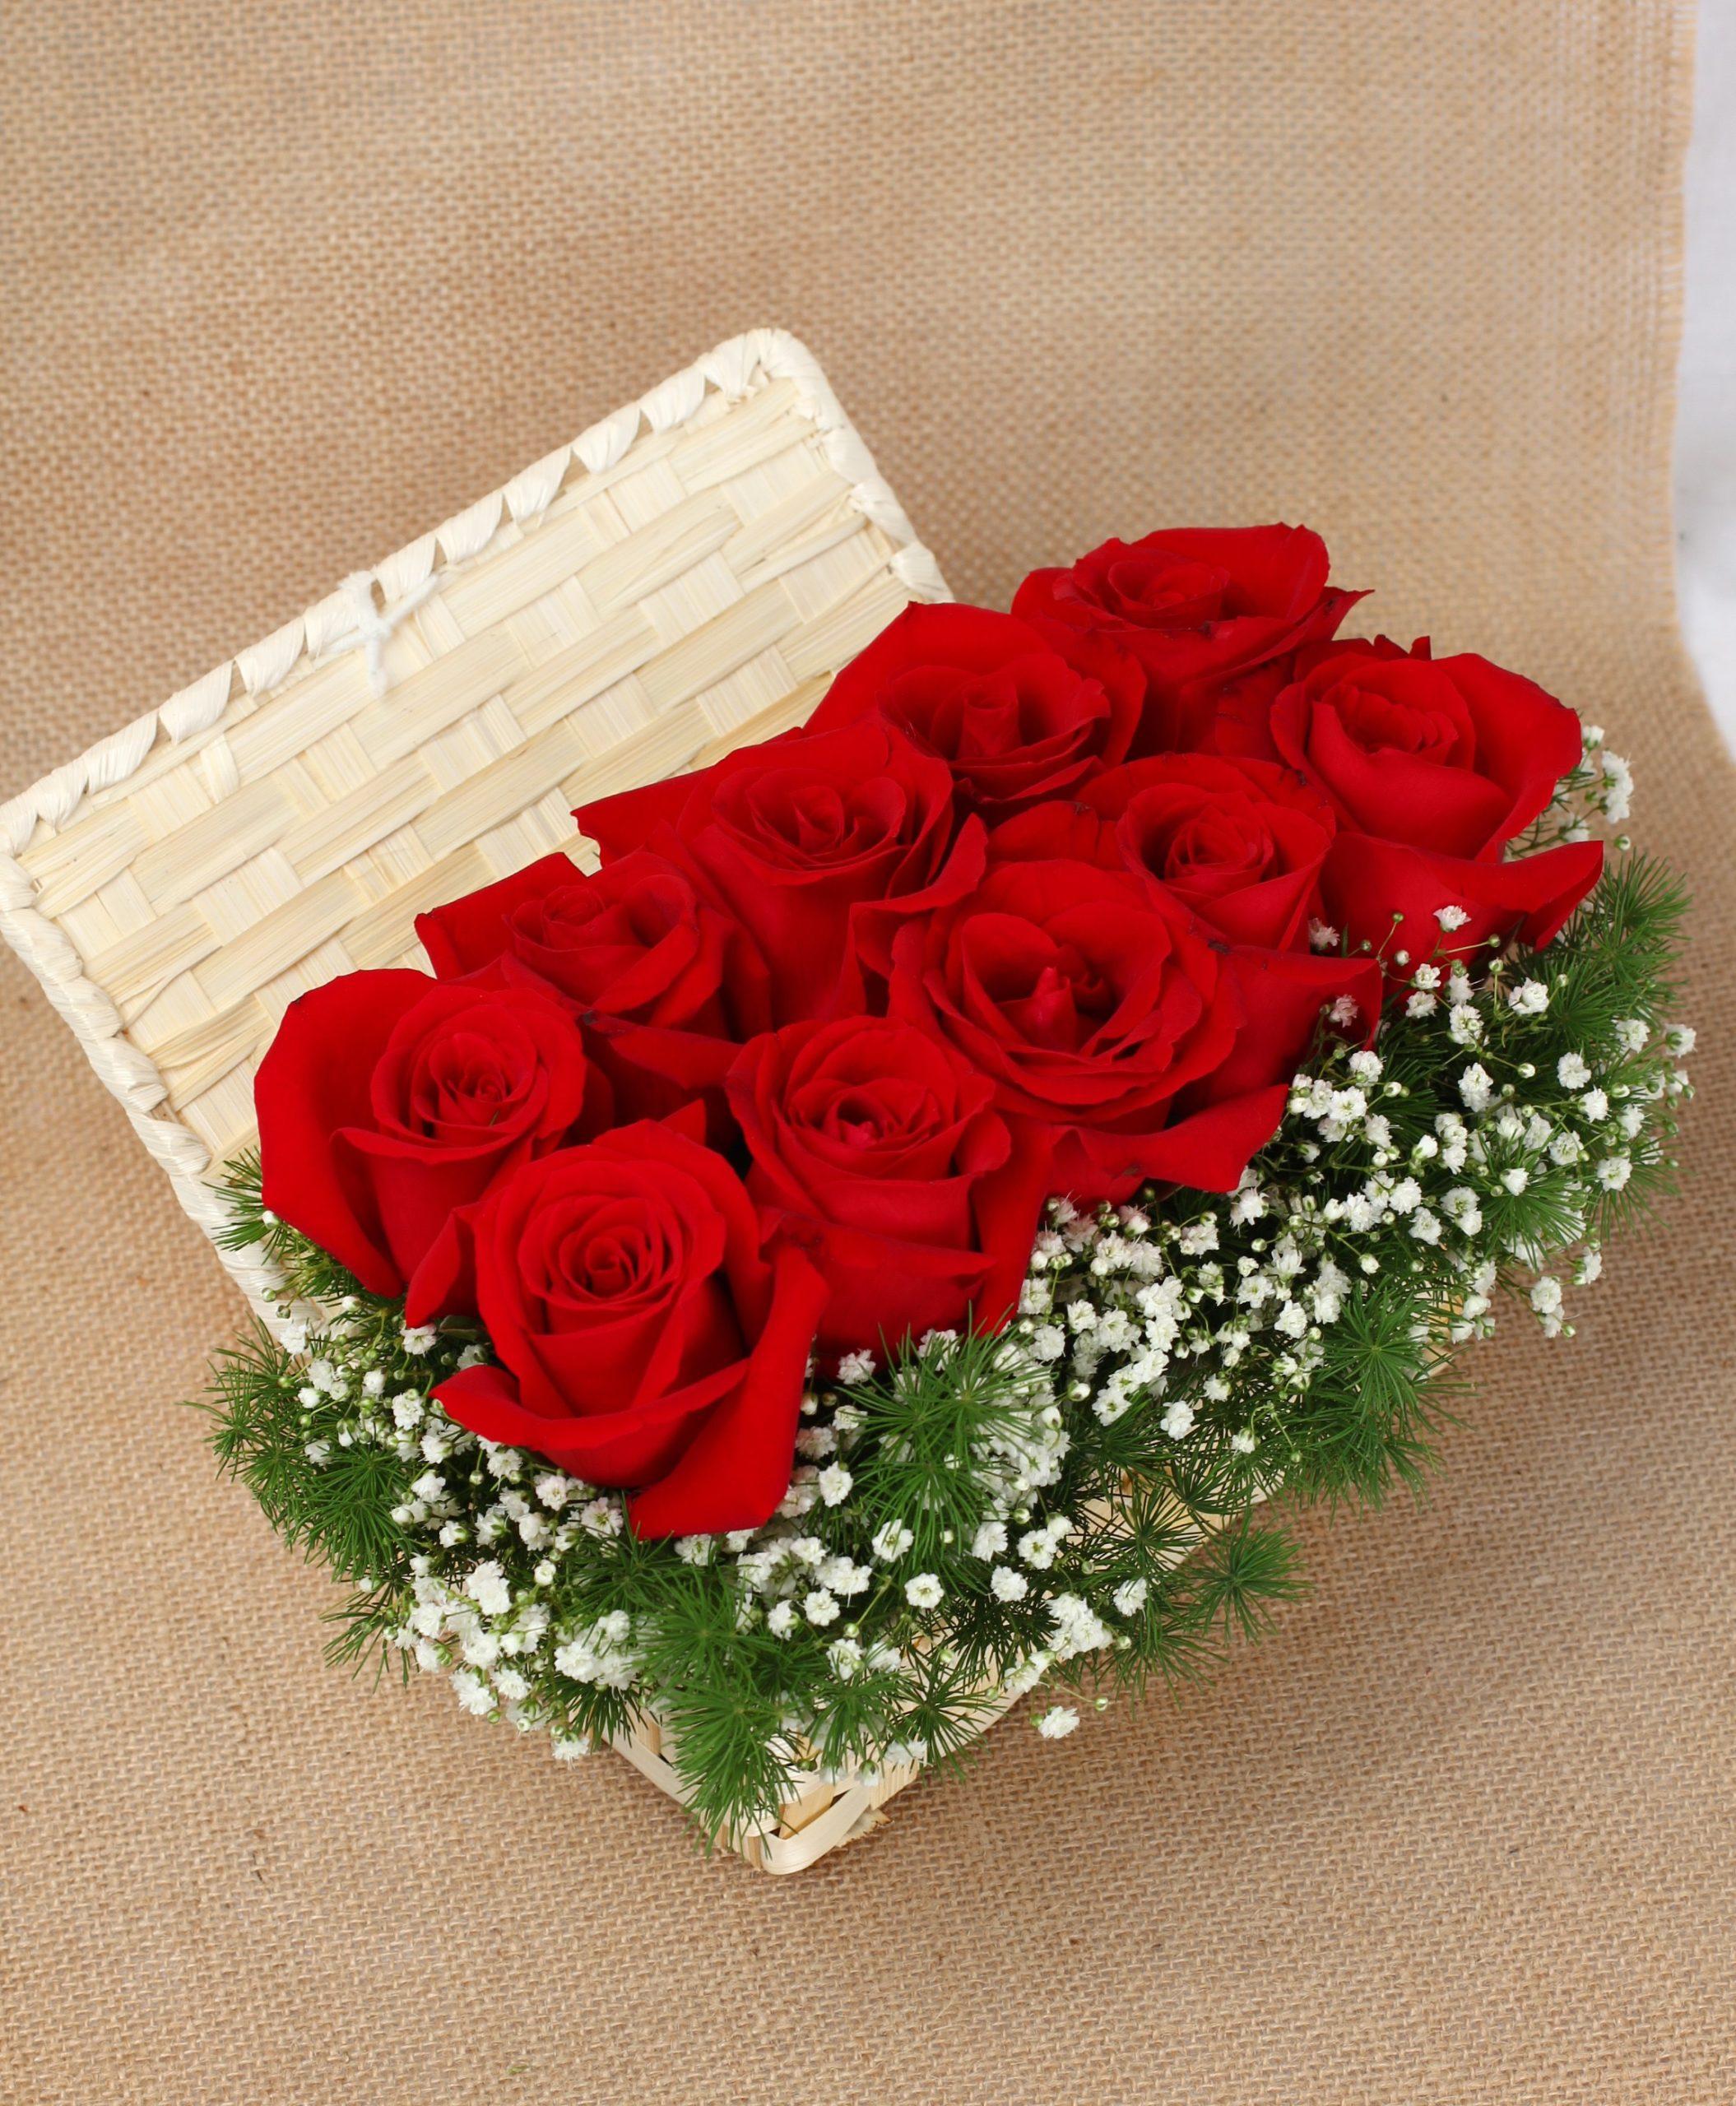 Boîte de roses romantique.